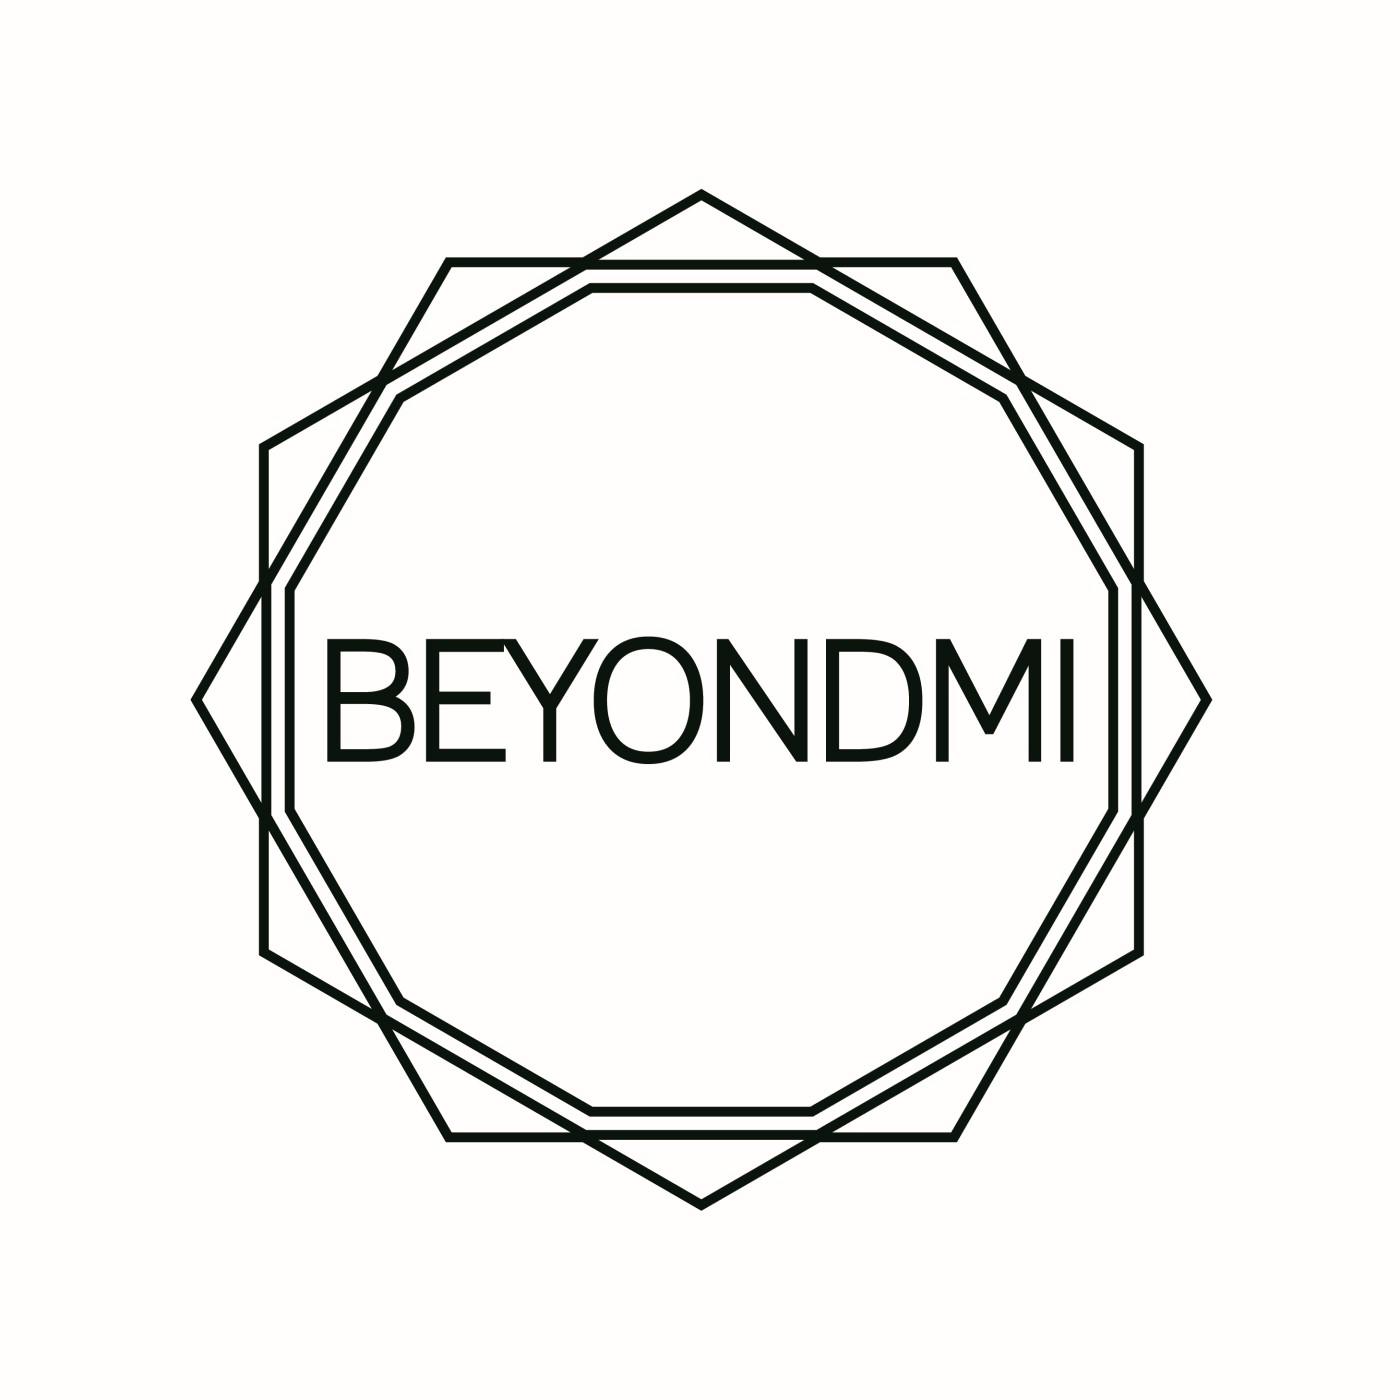 BEYONDMI